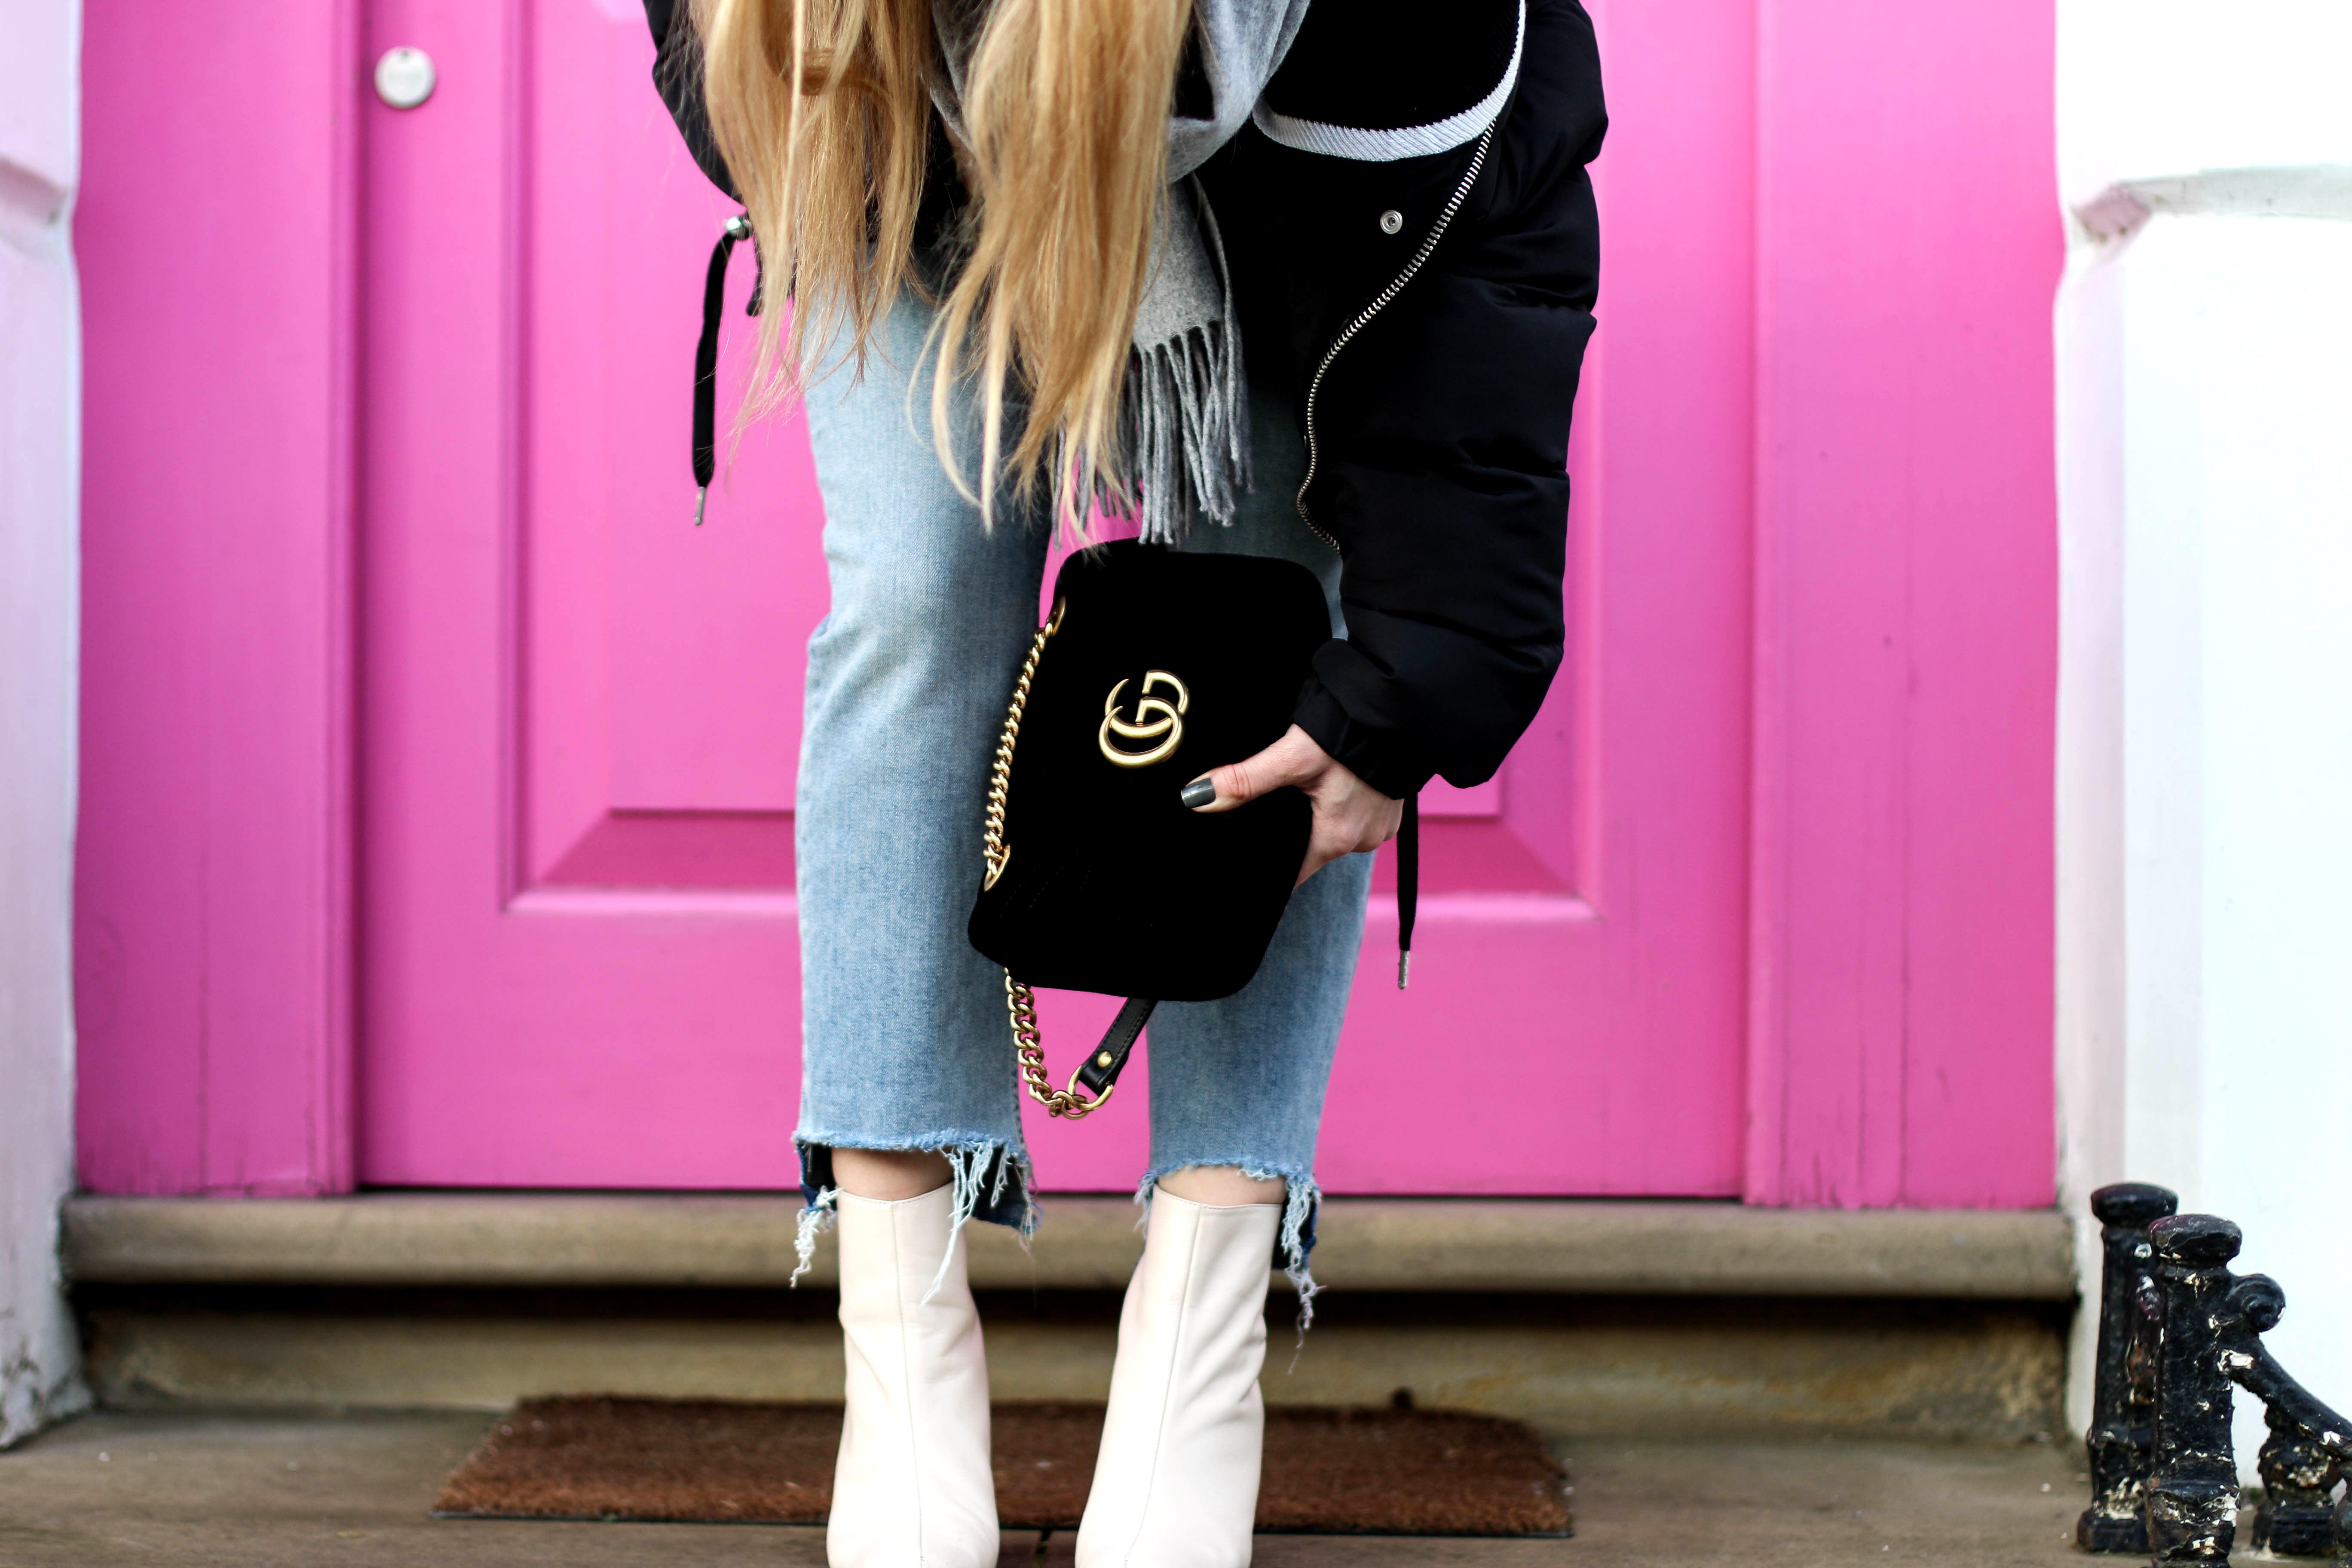 Gucci Velvet Bag Samt Tasche mom jeans pink door